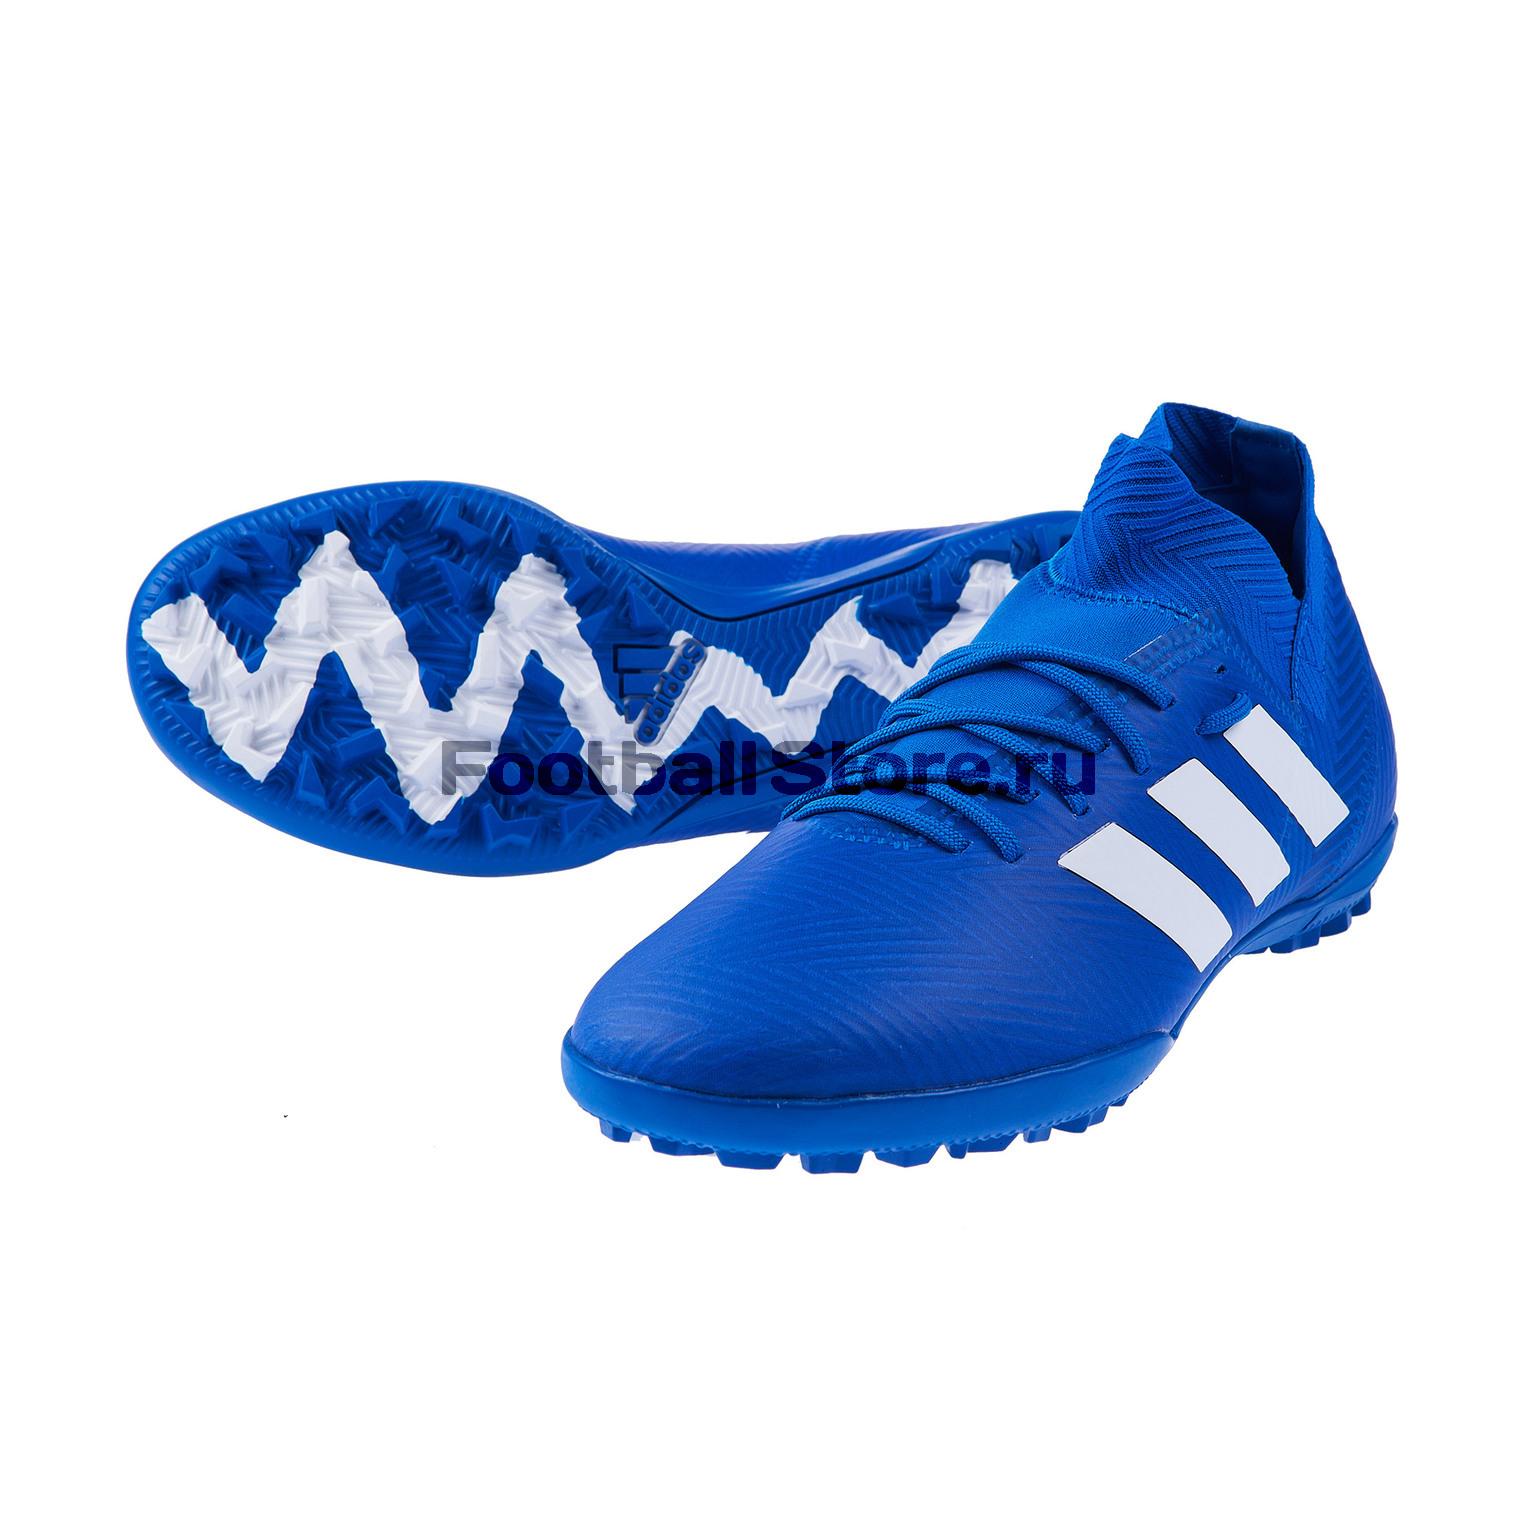 Шиповки Adidas Nemeziz Tango 18.3 TF DB2210 цена